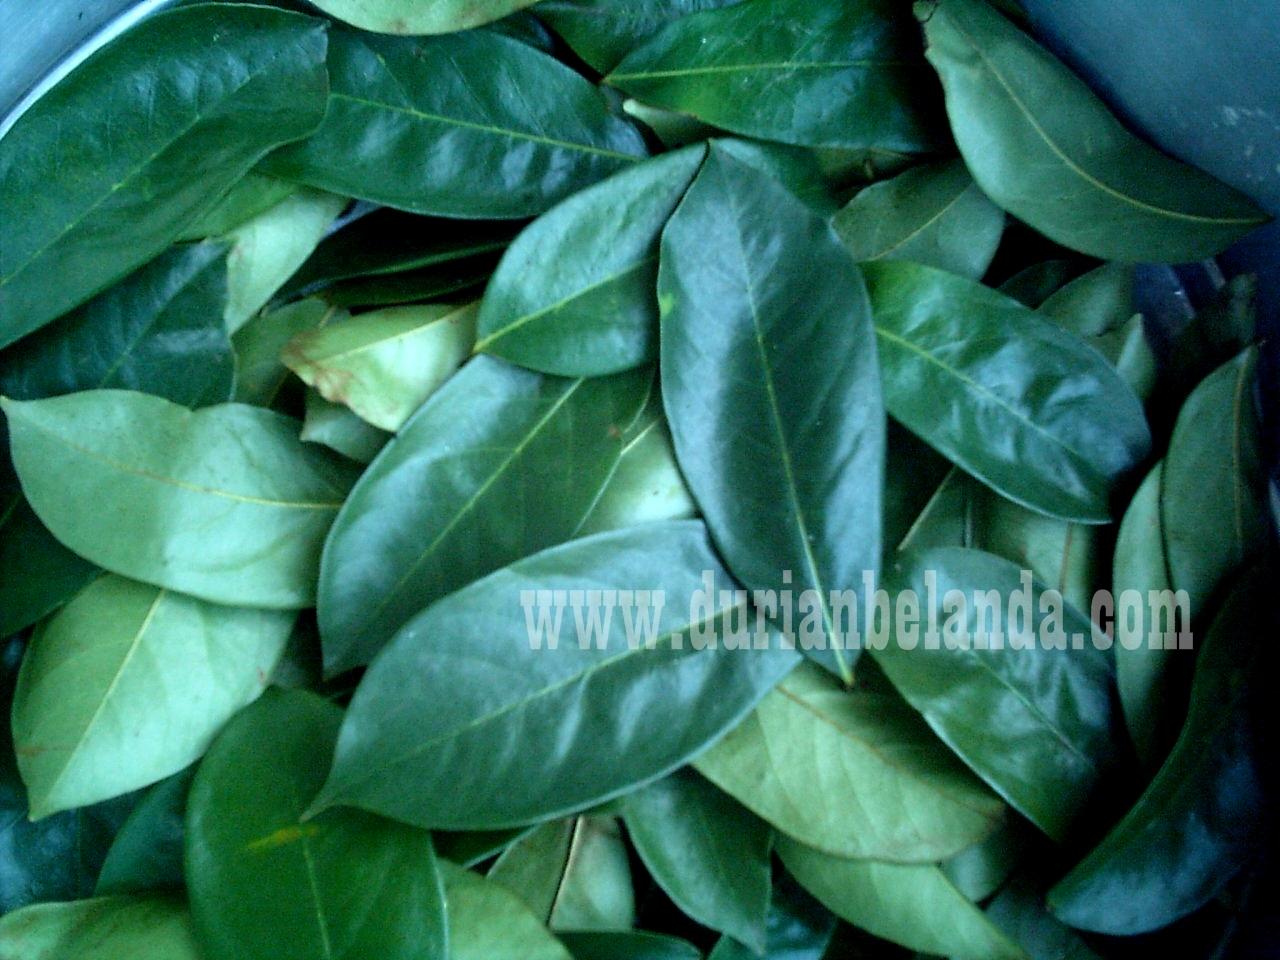 single hijau daun Lünen